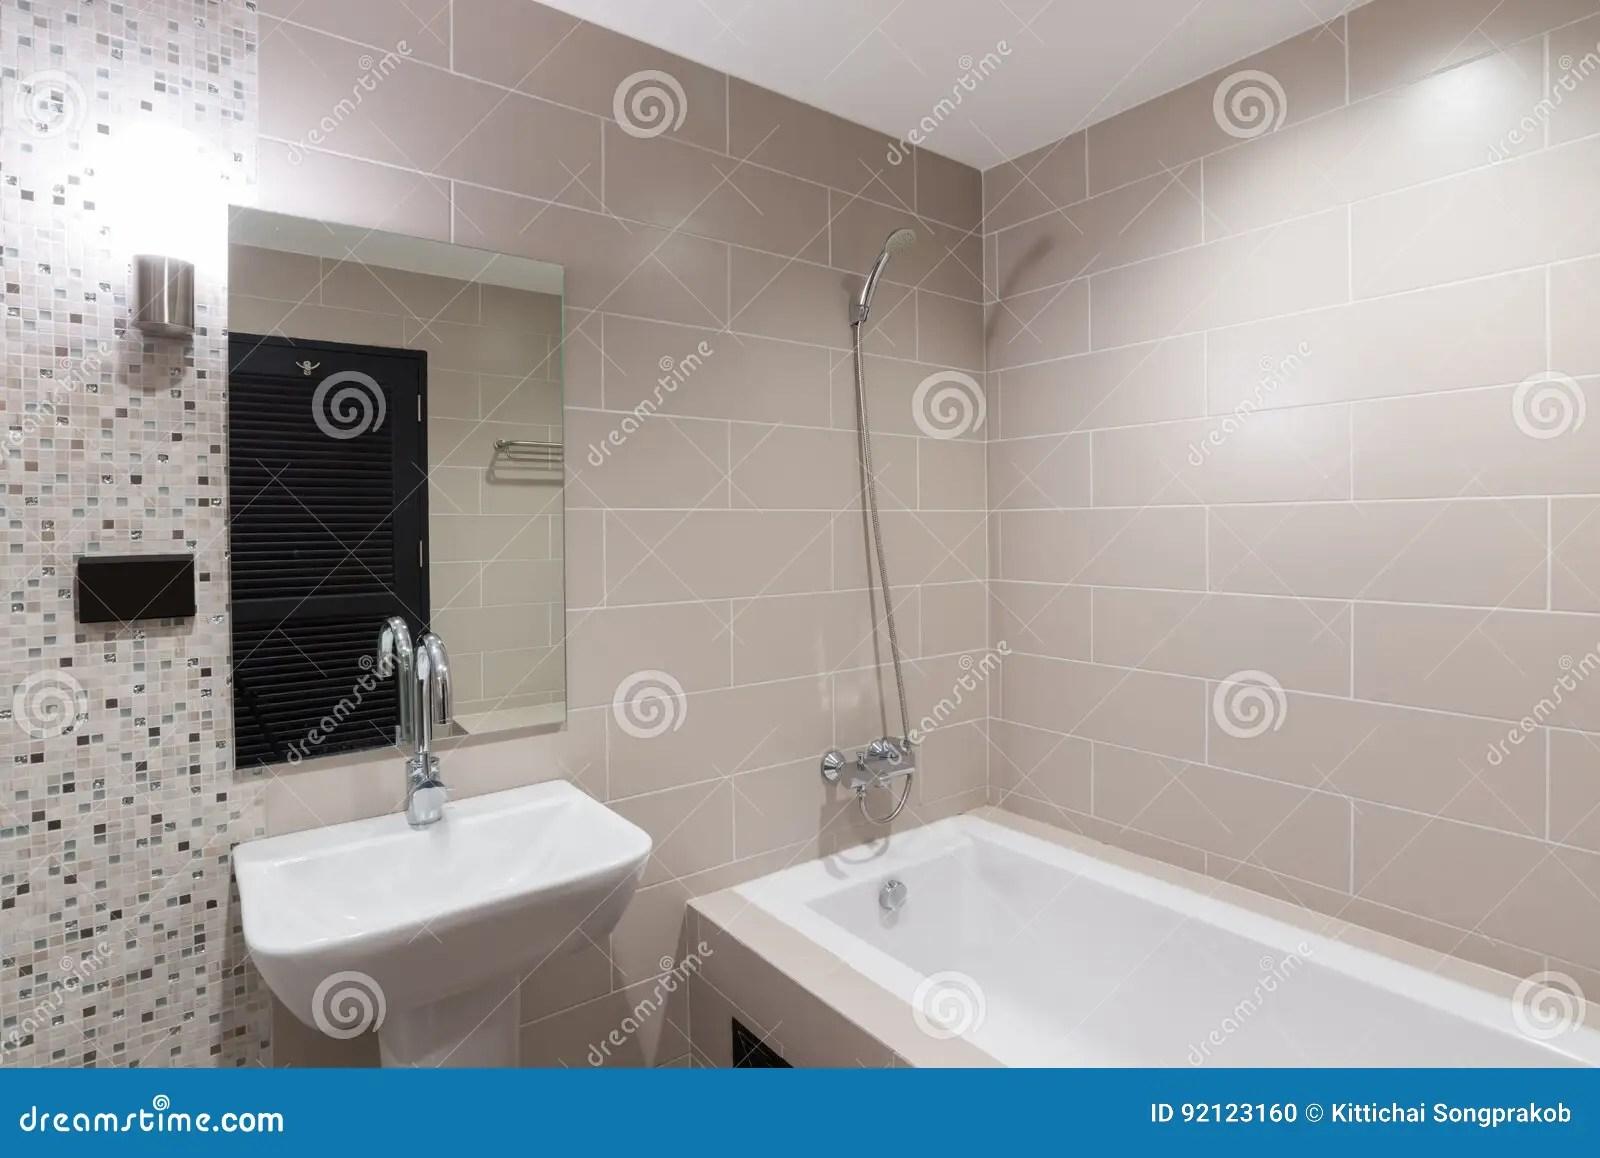 Bagni Con Doccia E Vasca Moderni : Bagni moderni con vasca e doccia great bagno moderno con una